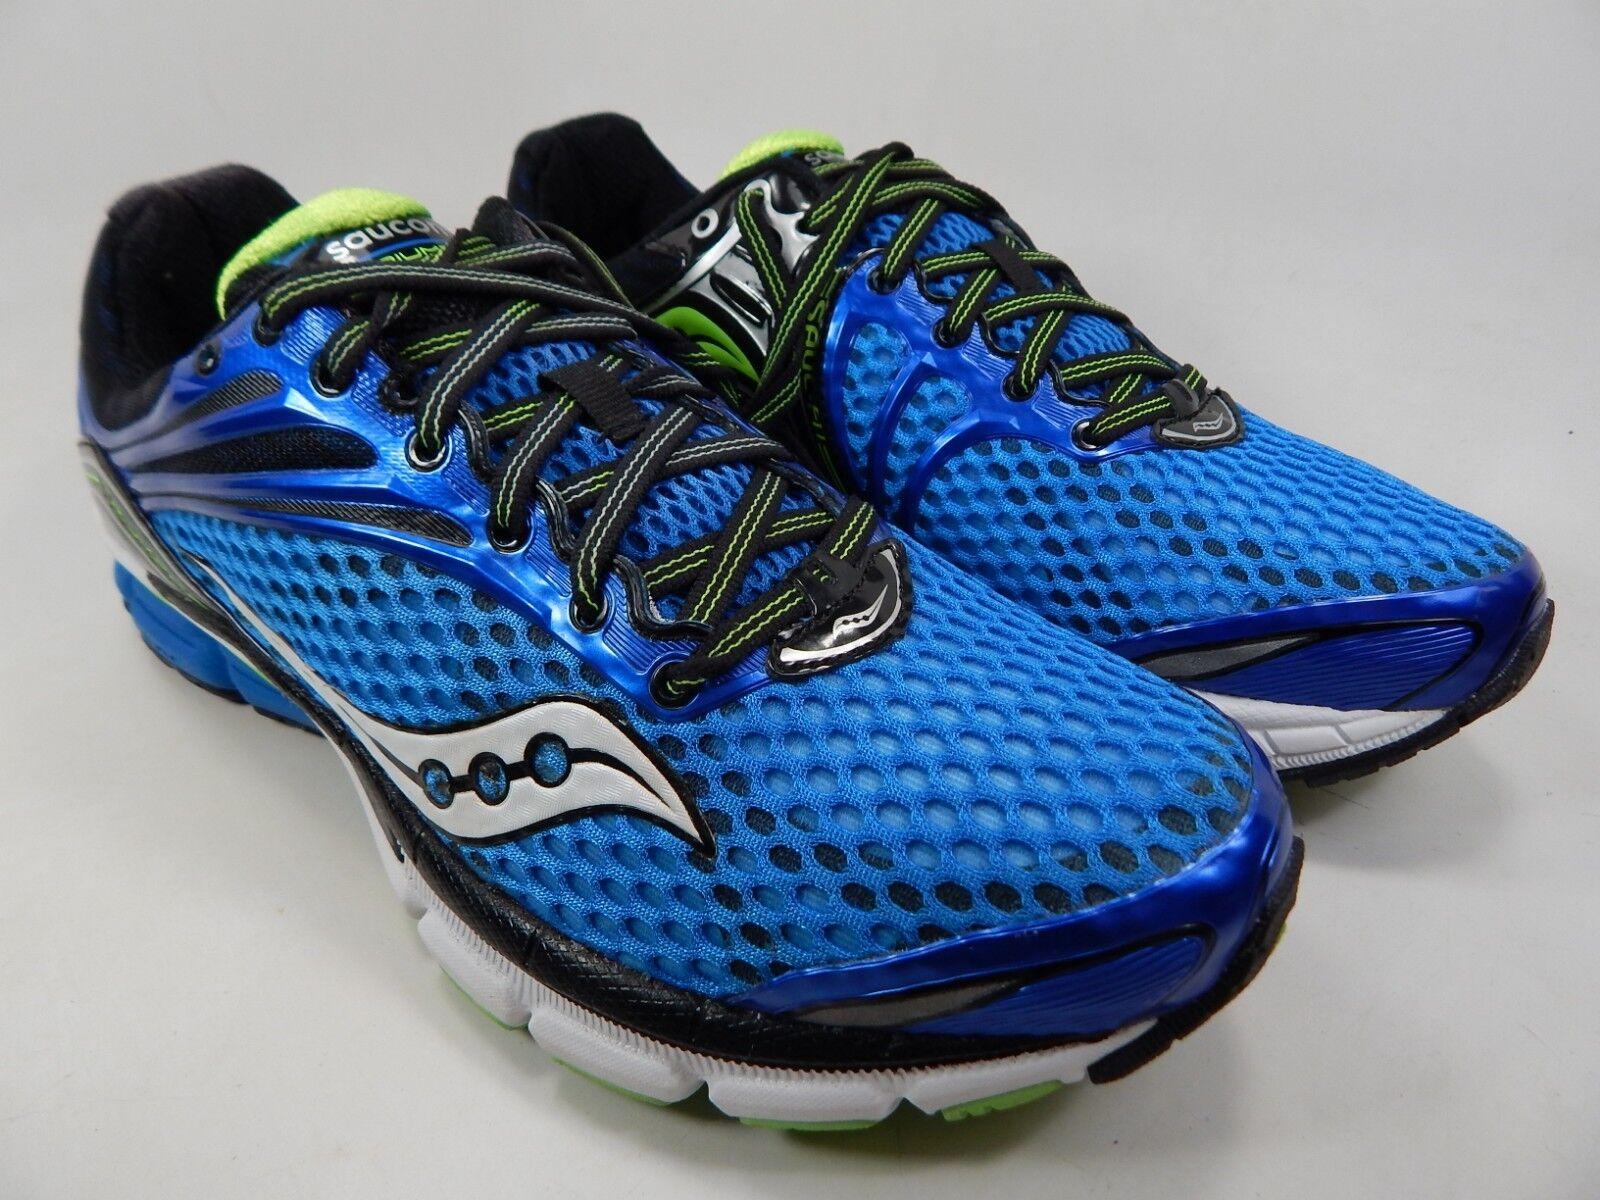 Saucony Triumph 11 (D) tamaño 9 m (D) 11 Para hombres Zapatos para Correr Azul Negro S20223-5 e016cf